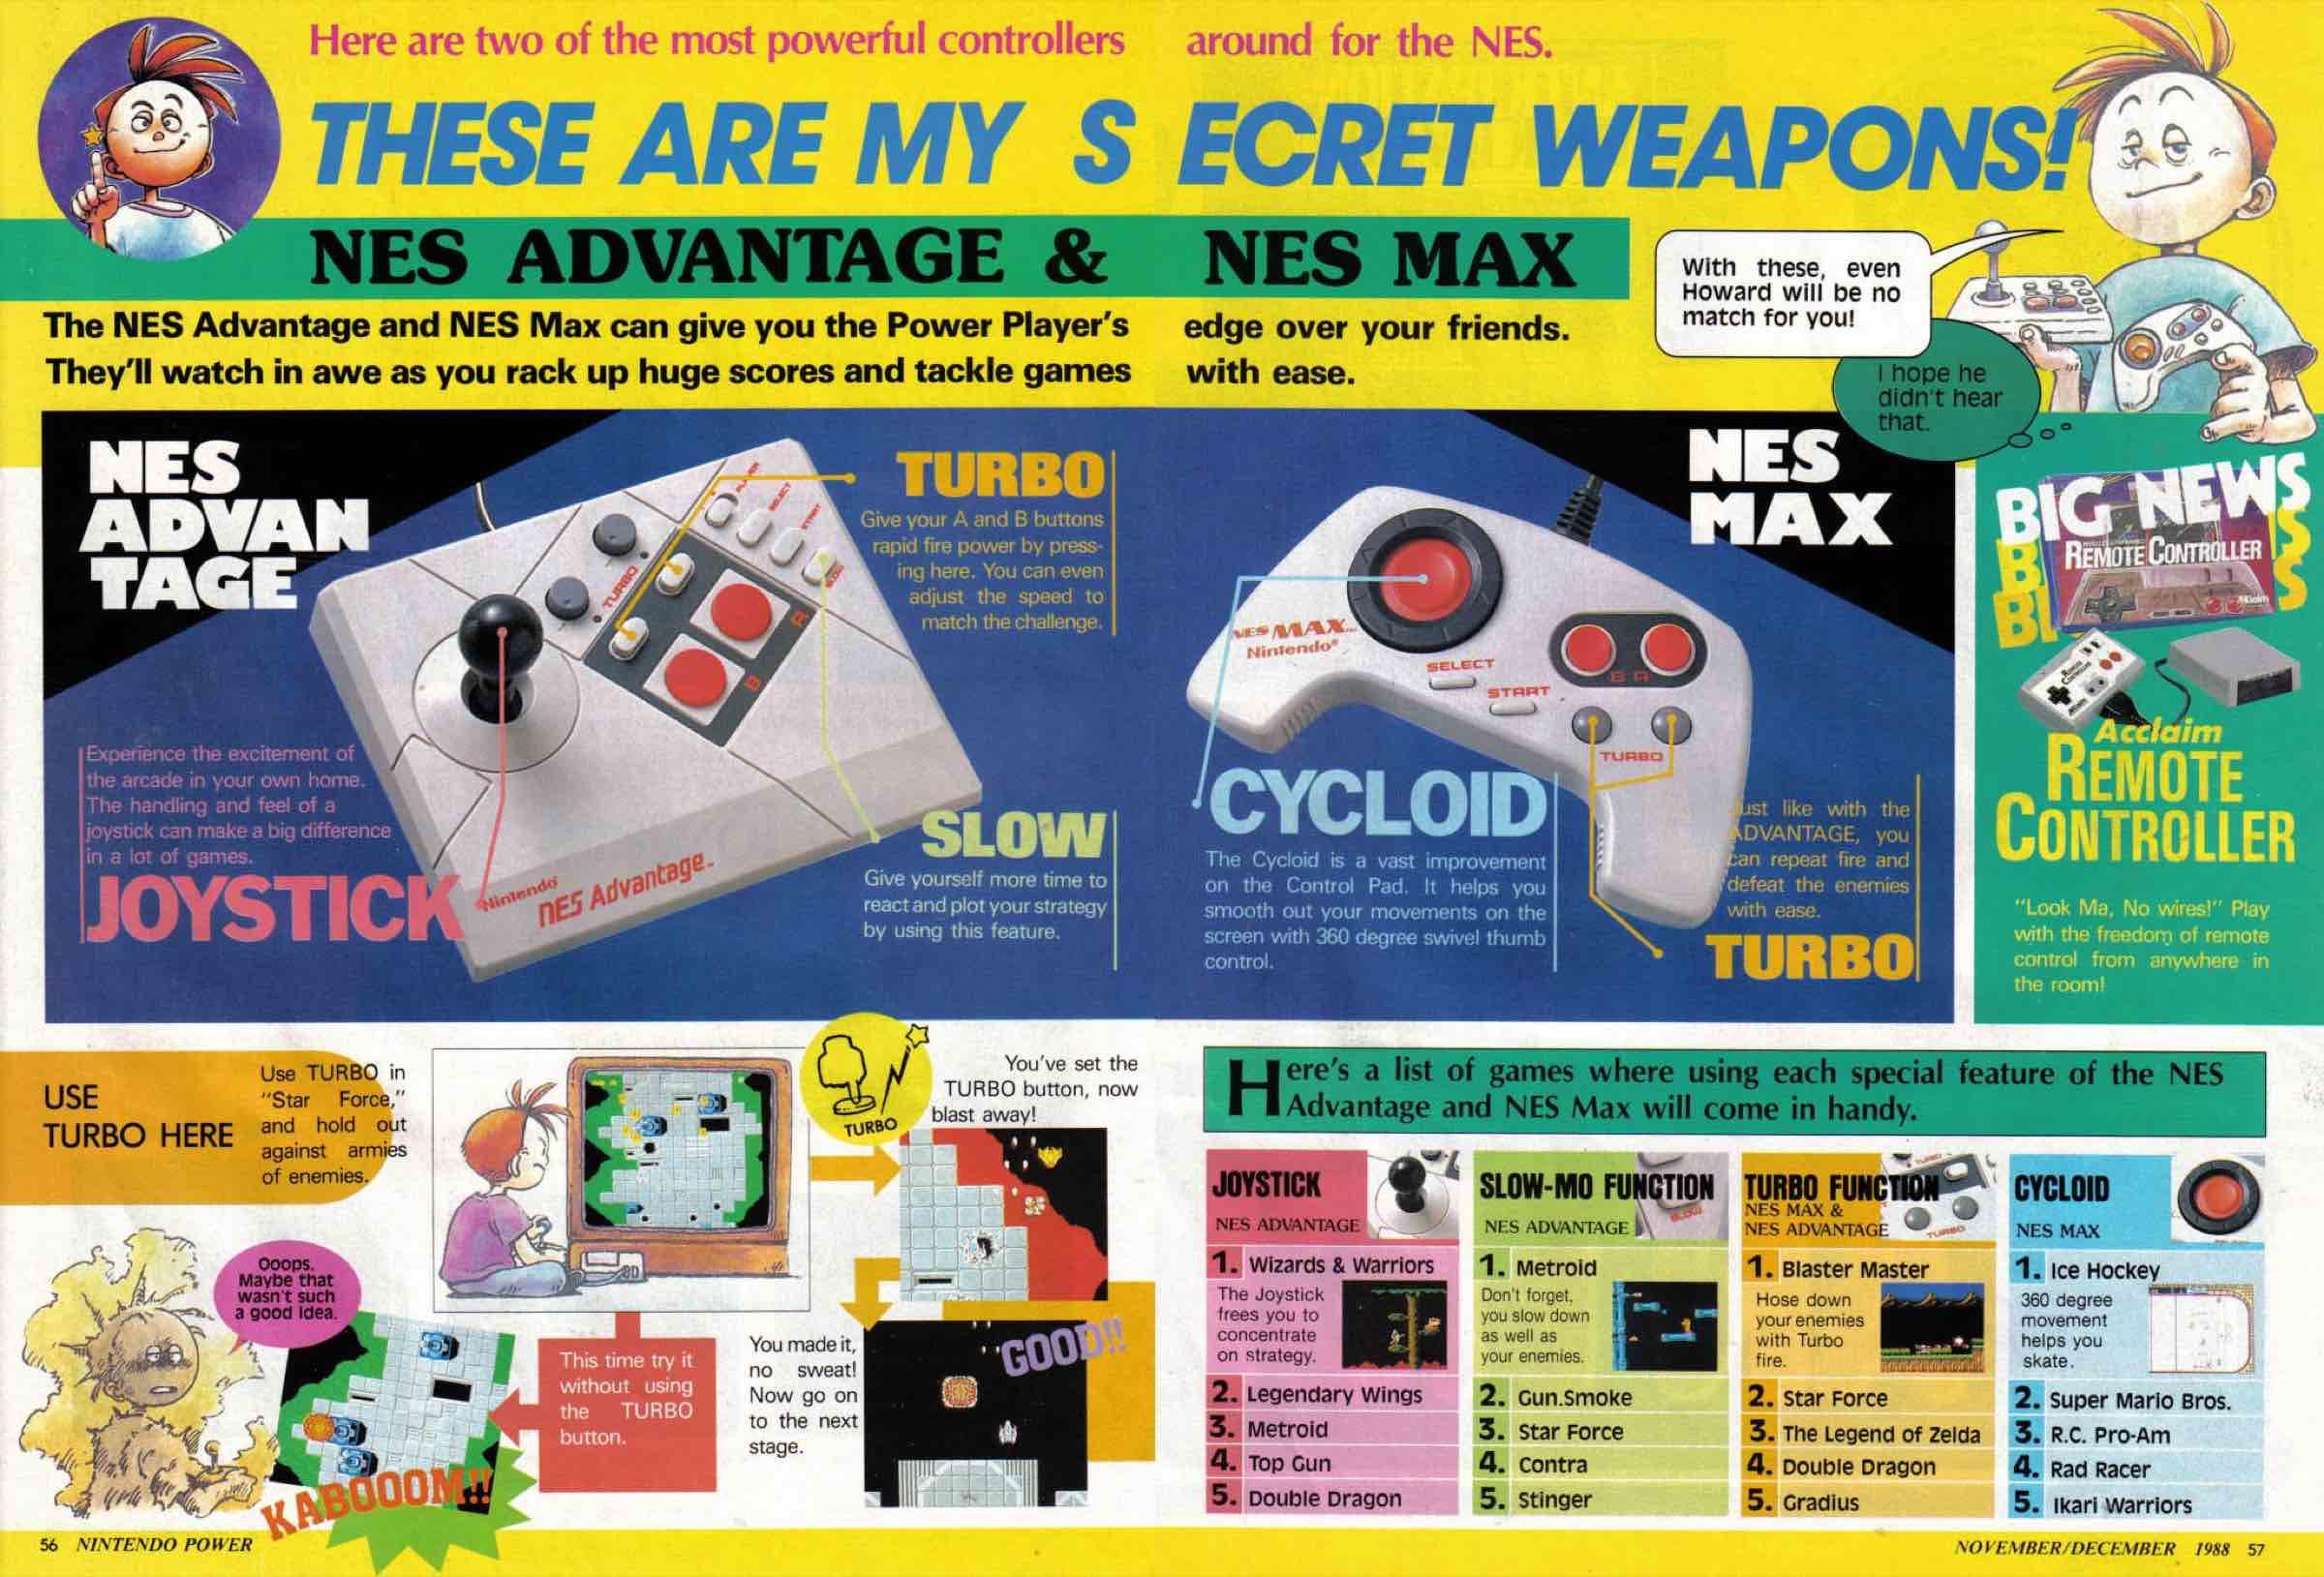 Nintendo Power | Nov Dec 1988-56-57